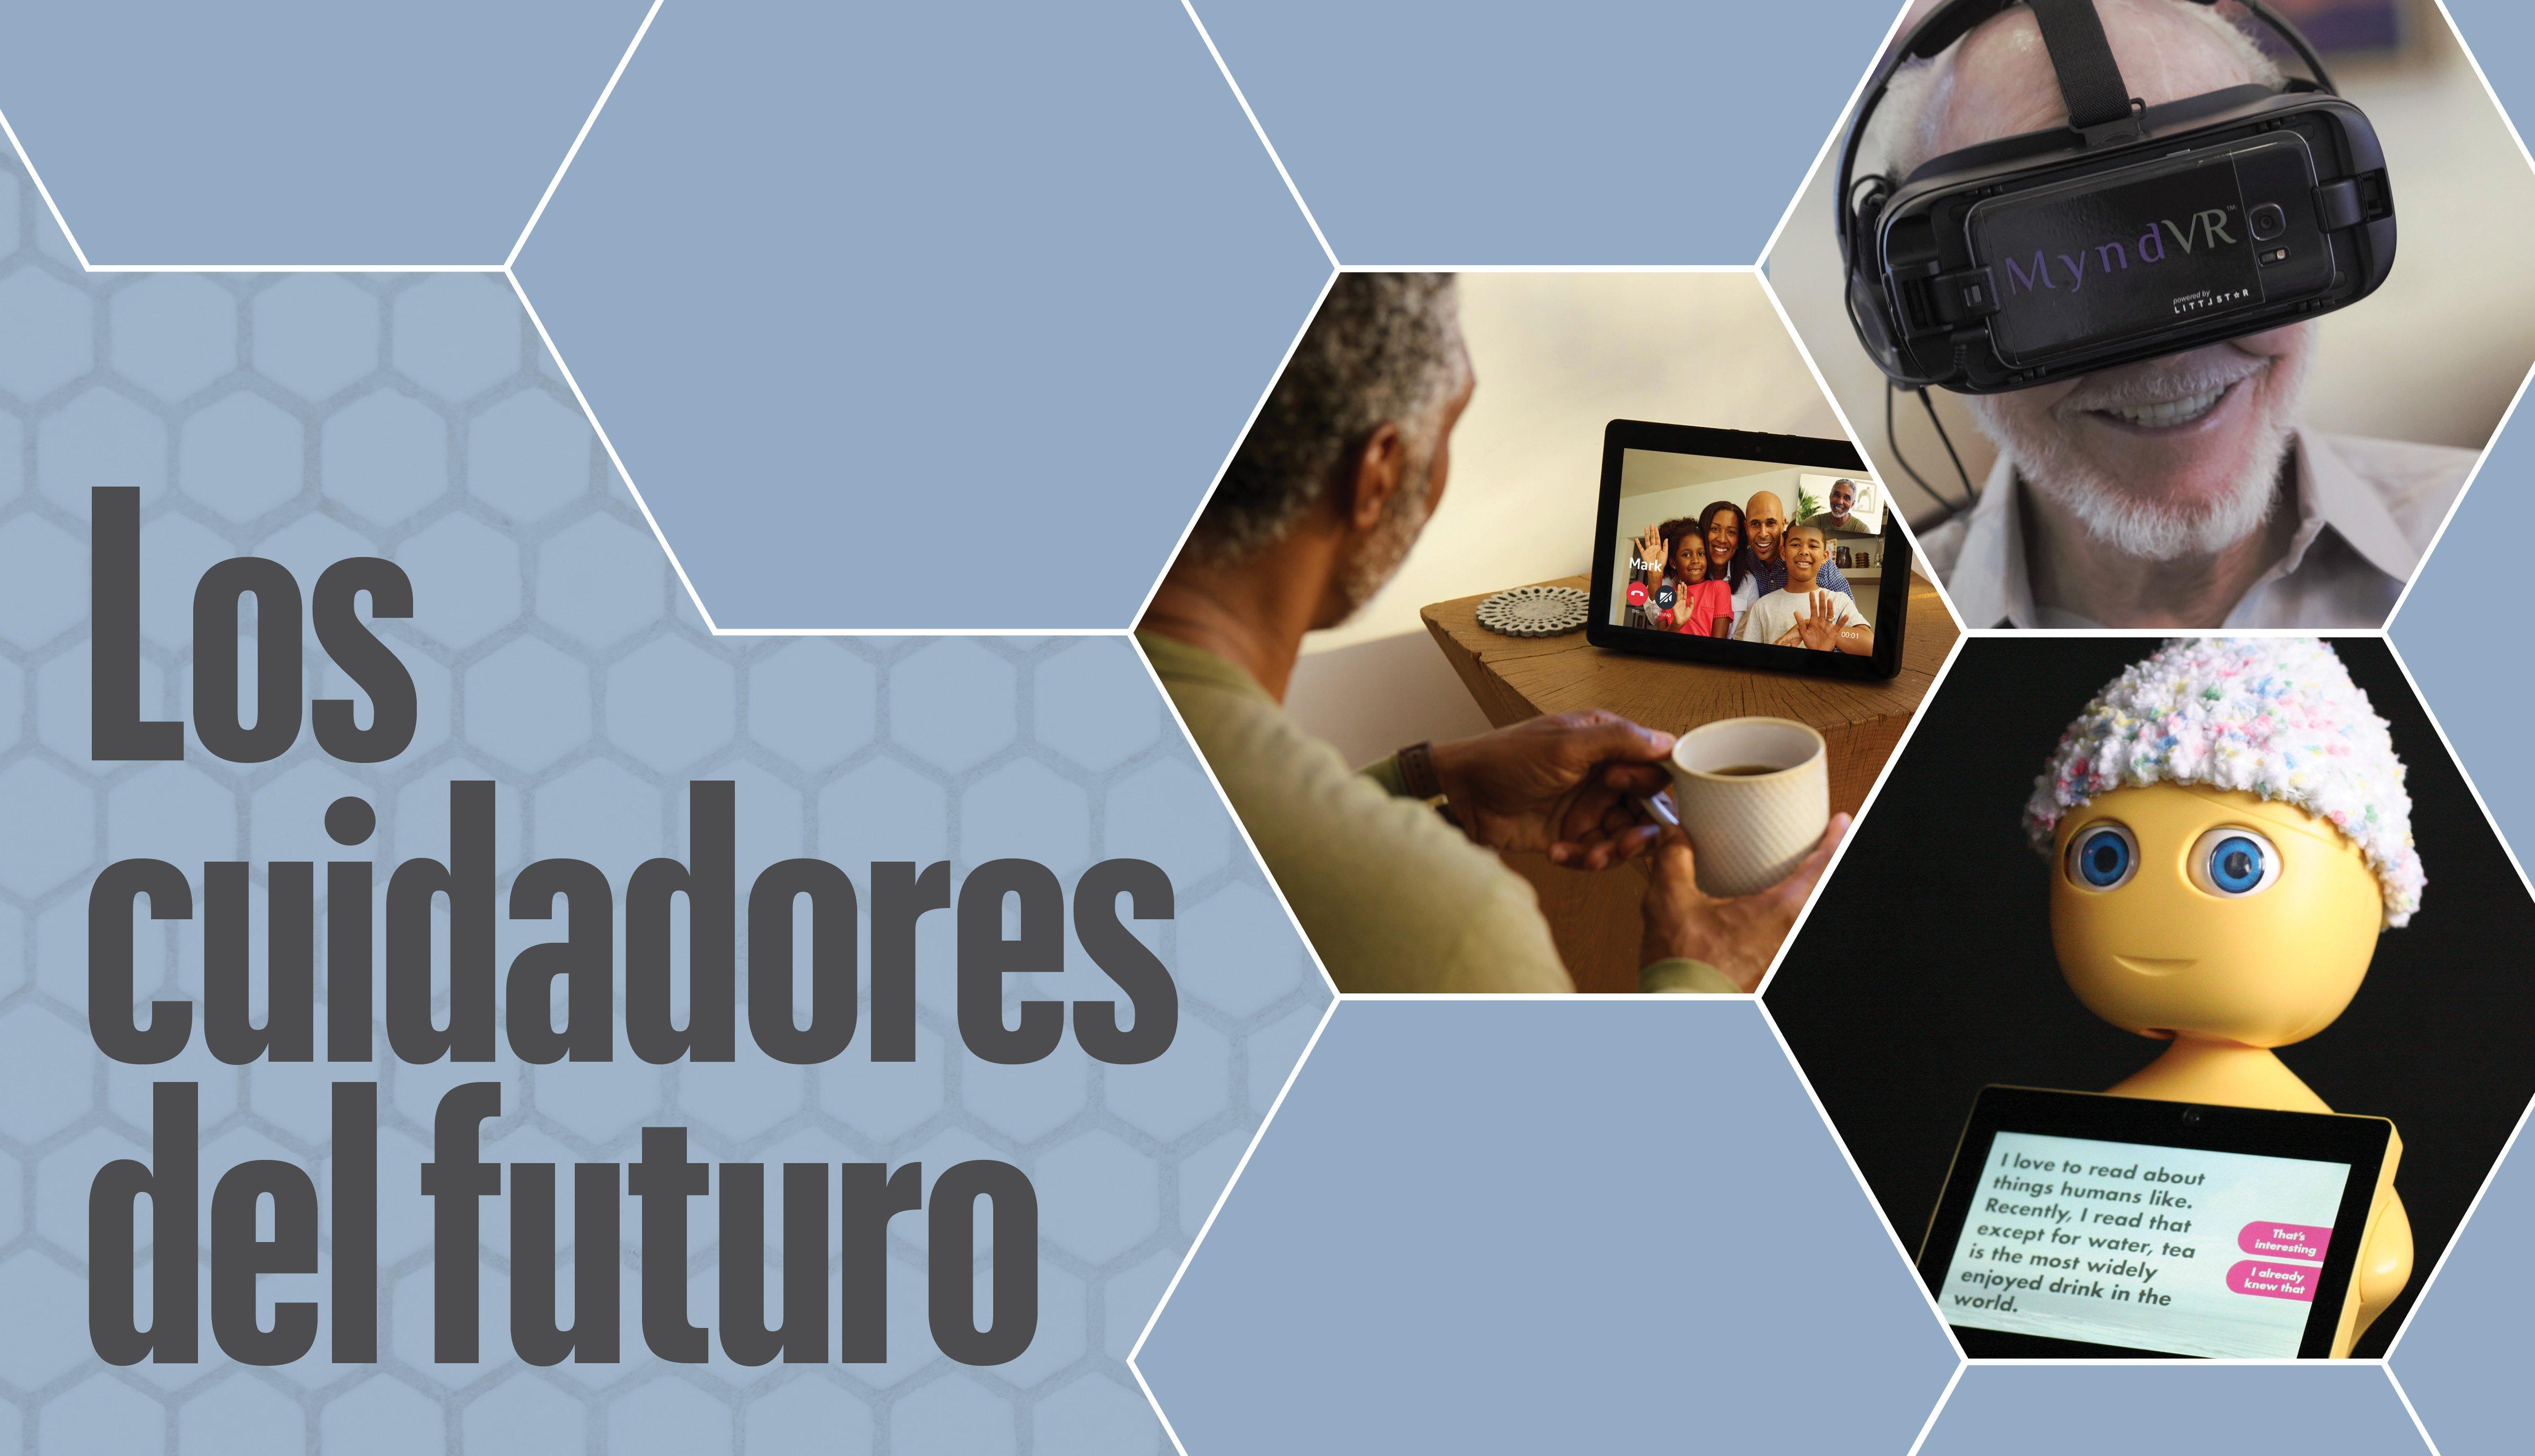 Los cuidadores del futuro